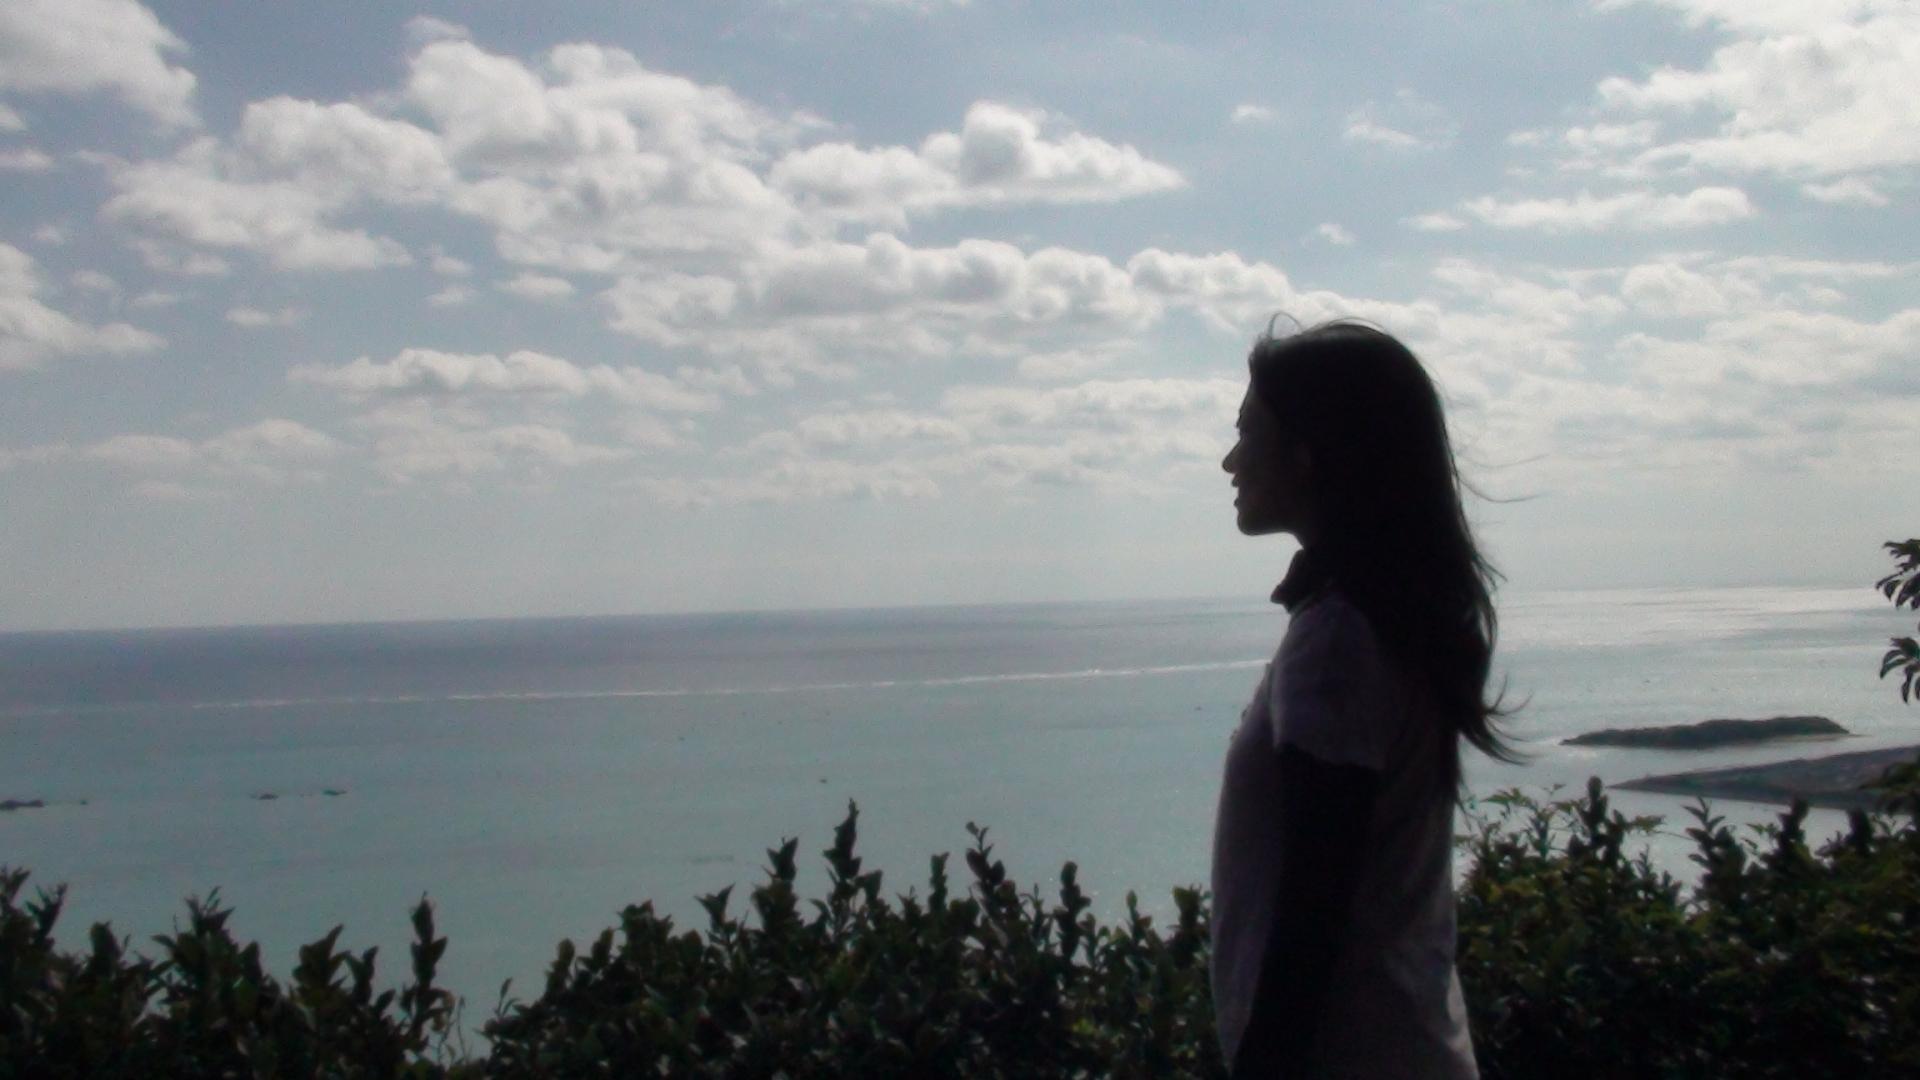 一人暮らしのアラフィフ独身女性が孤独を感じる瞬間〜そばに誰もいない